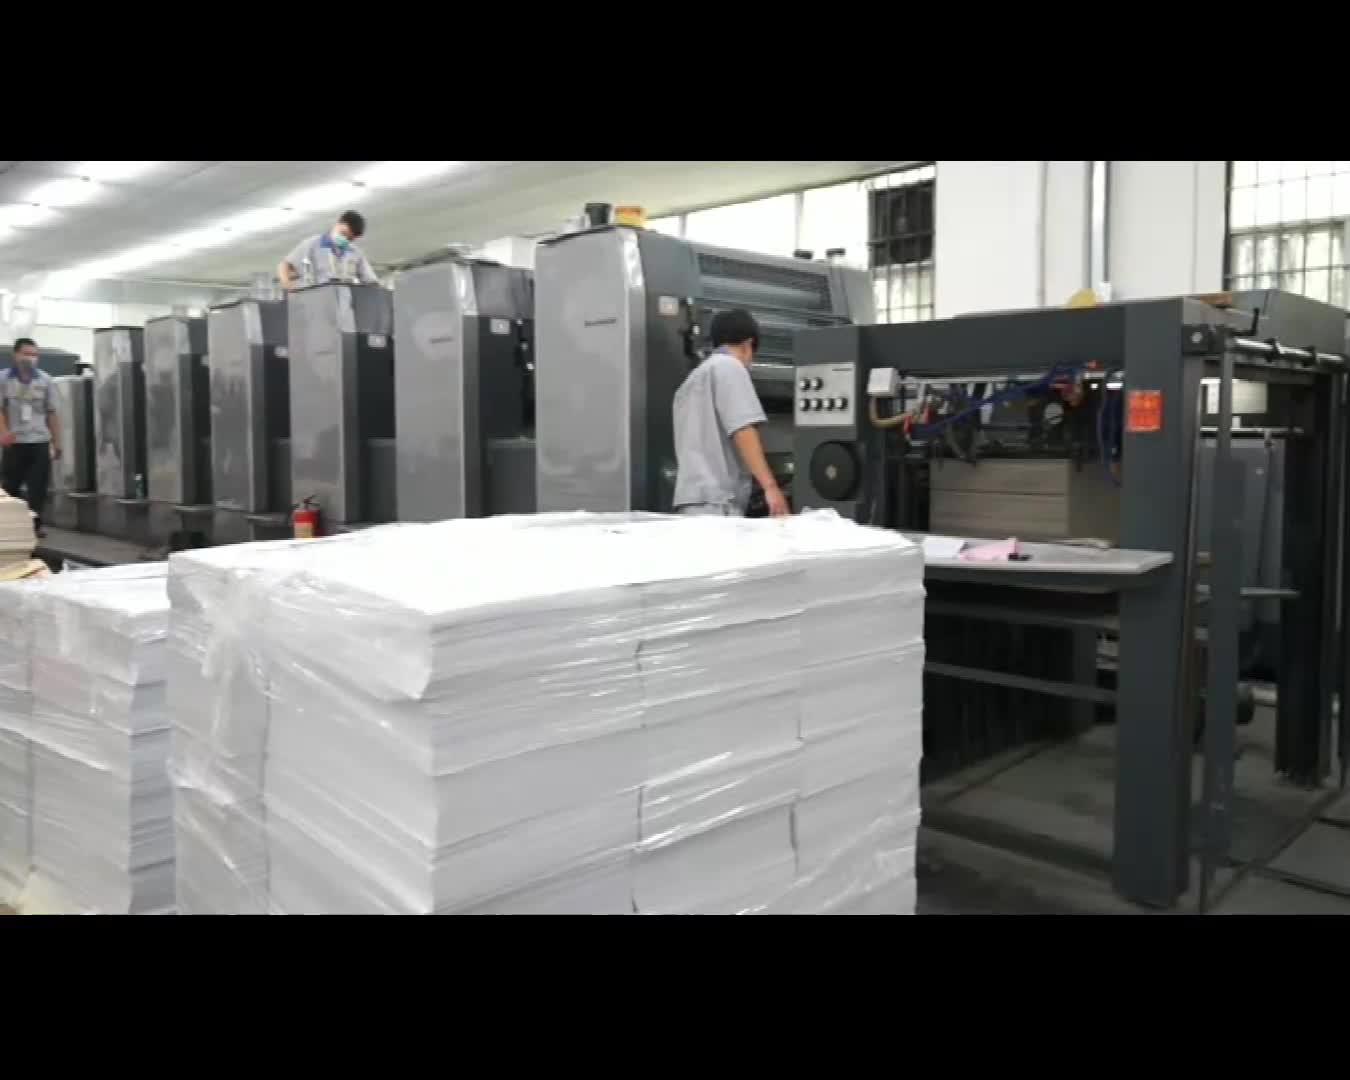 カスタム印刷ロゴ高級段ボールつ折りクラフト容器カートンブランド紙フラット石鹸箱の包装のための窓ギフト